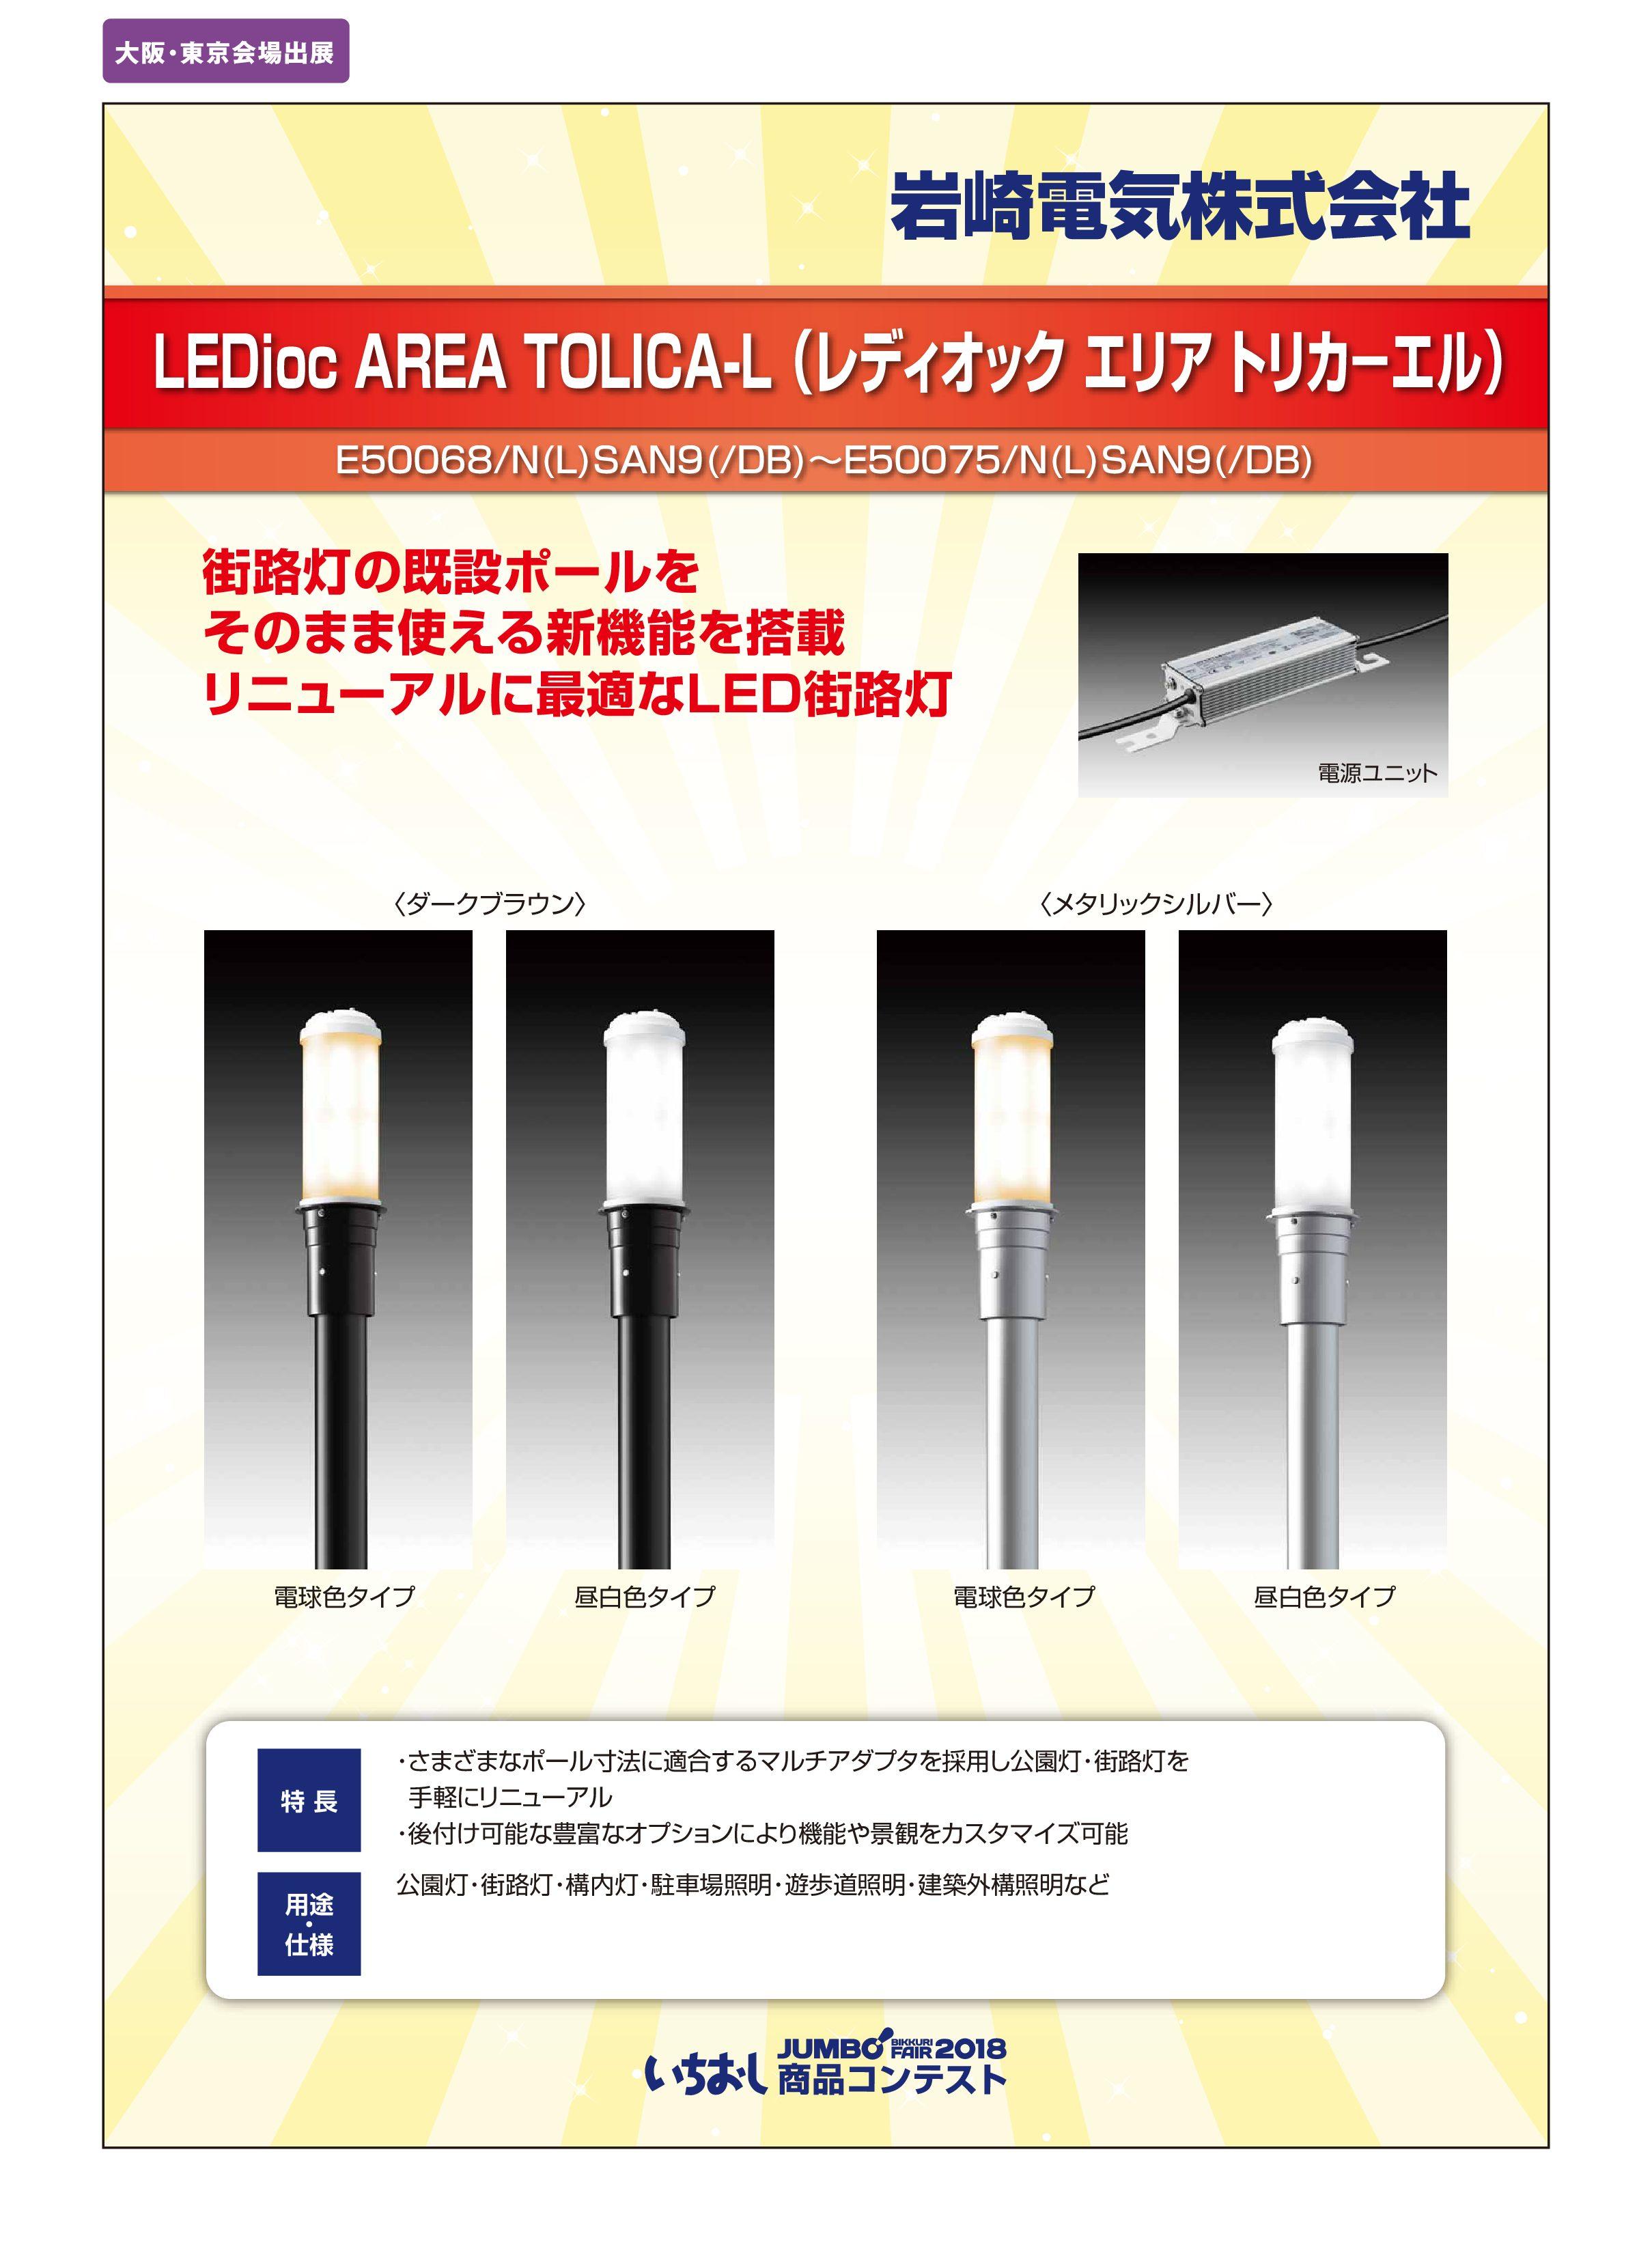 「LEDioc AREA TOLICA-L (レディオック エリア トリカ-エル)」岩崎電気株式会社の画像